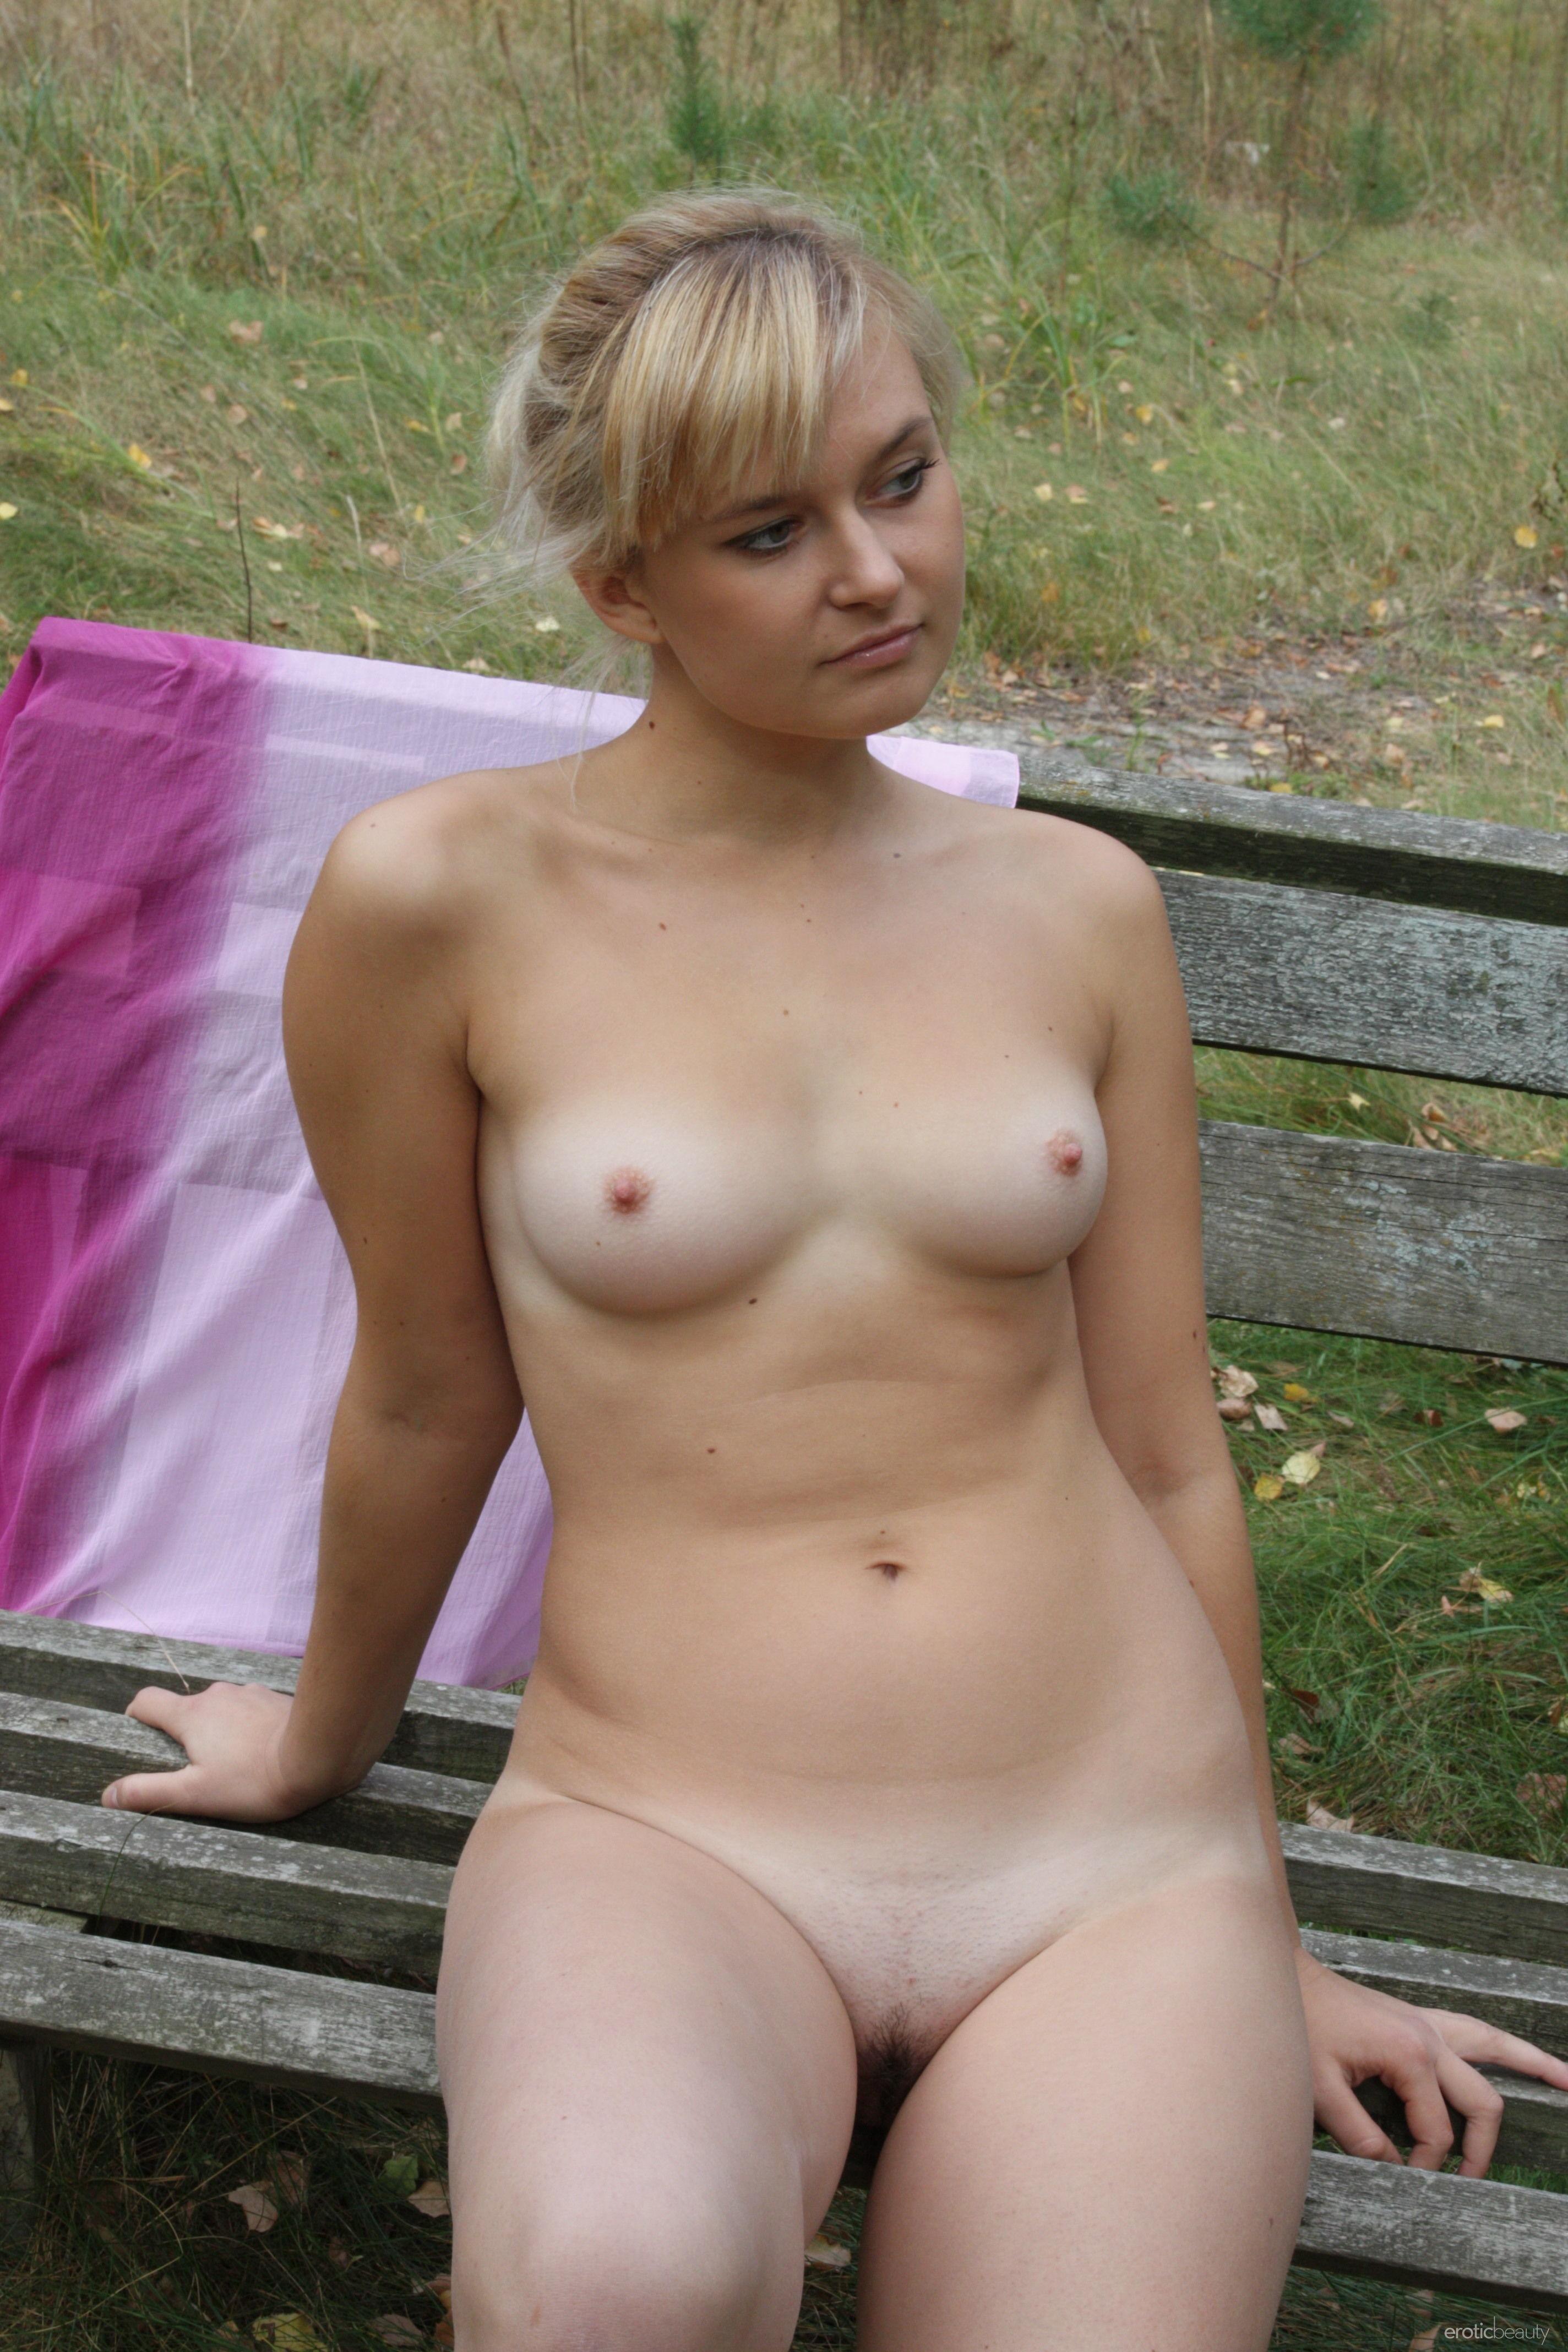 Милая блондинка позирует прямо на природе и не стесняется – ее фигурке можно только позавидовать